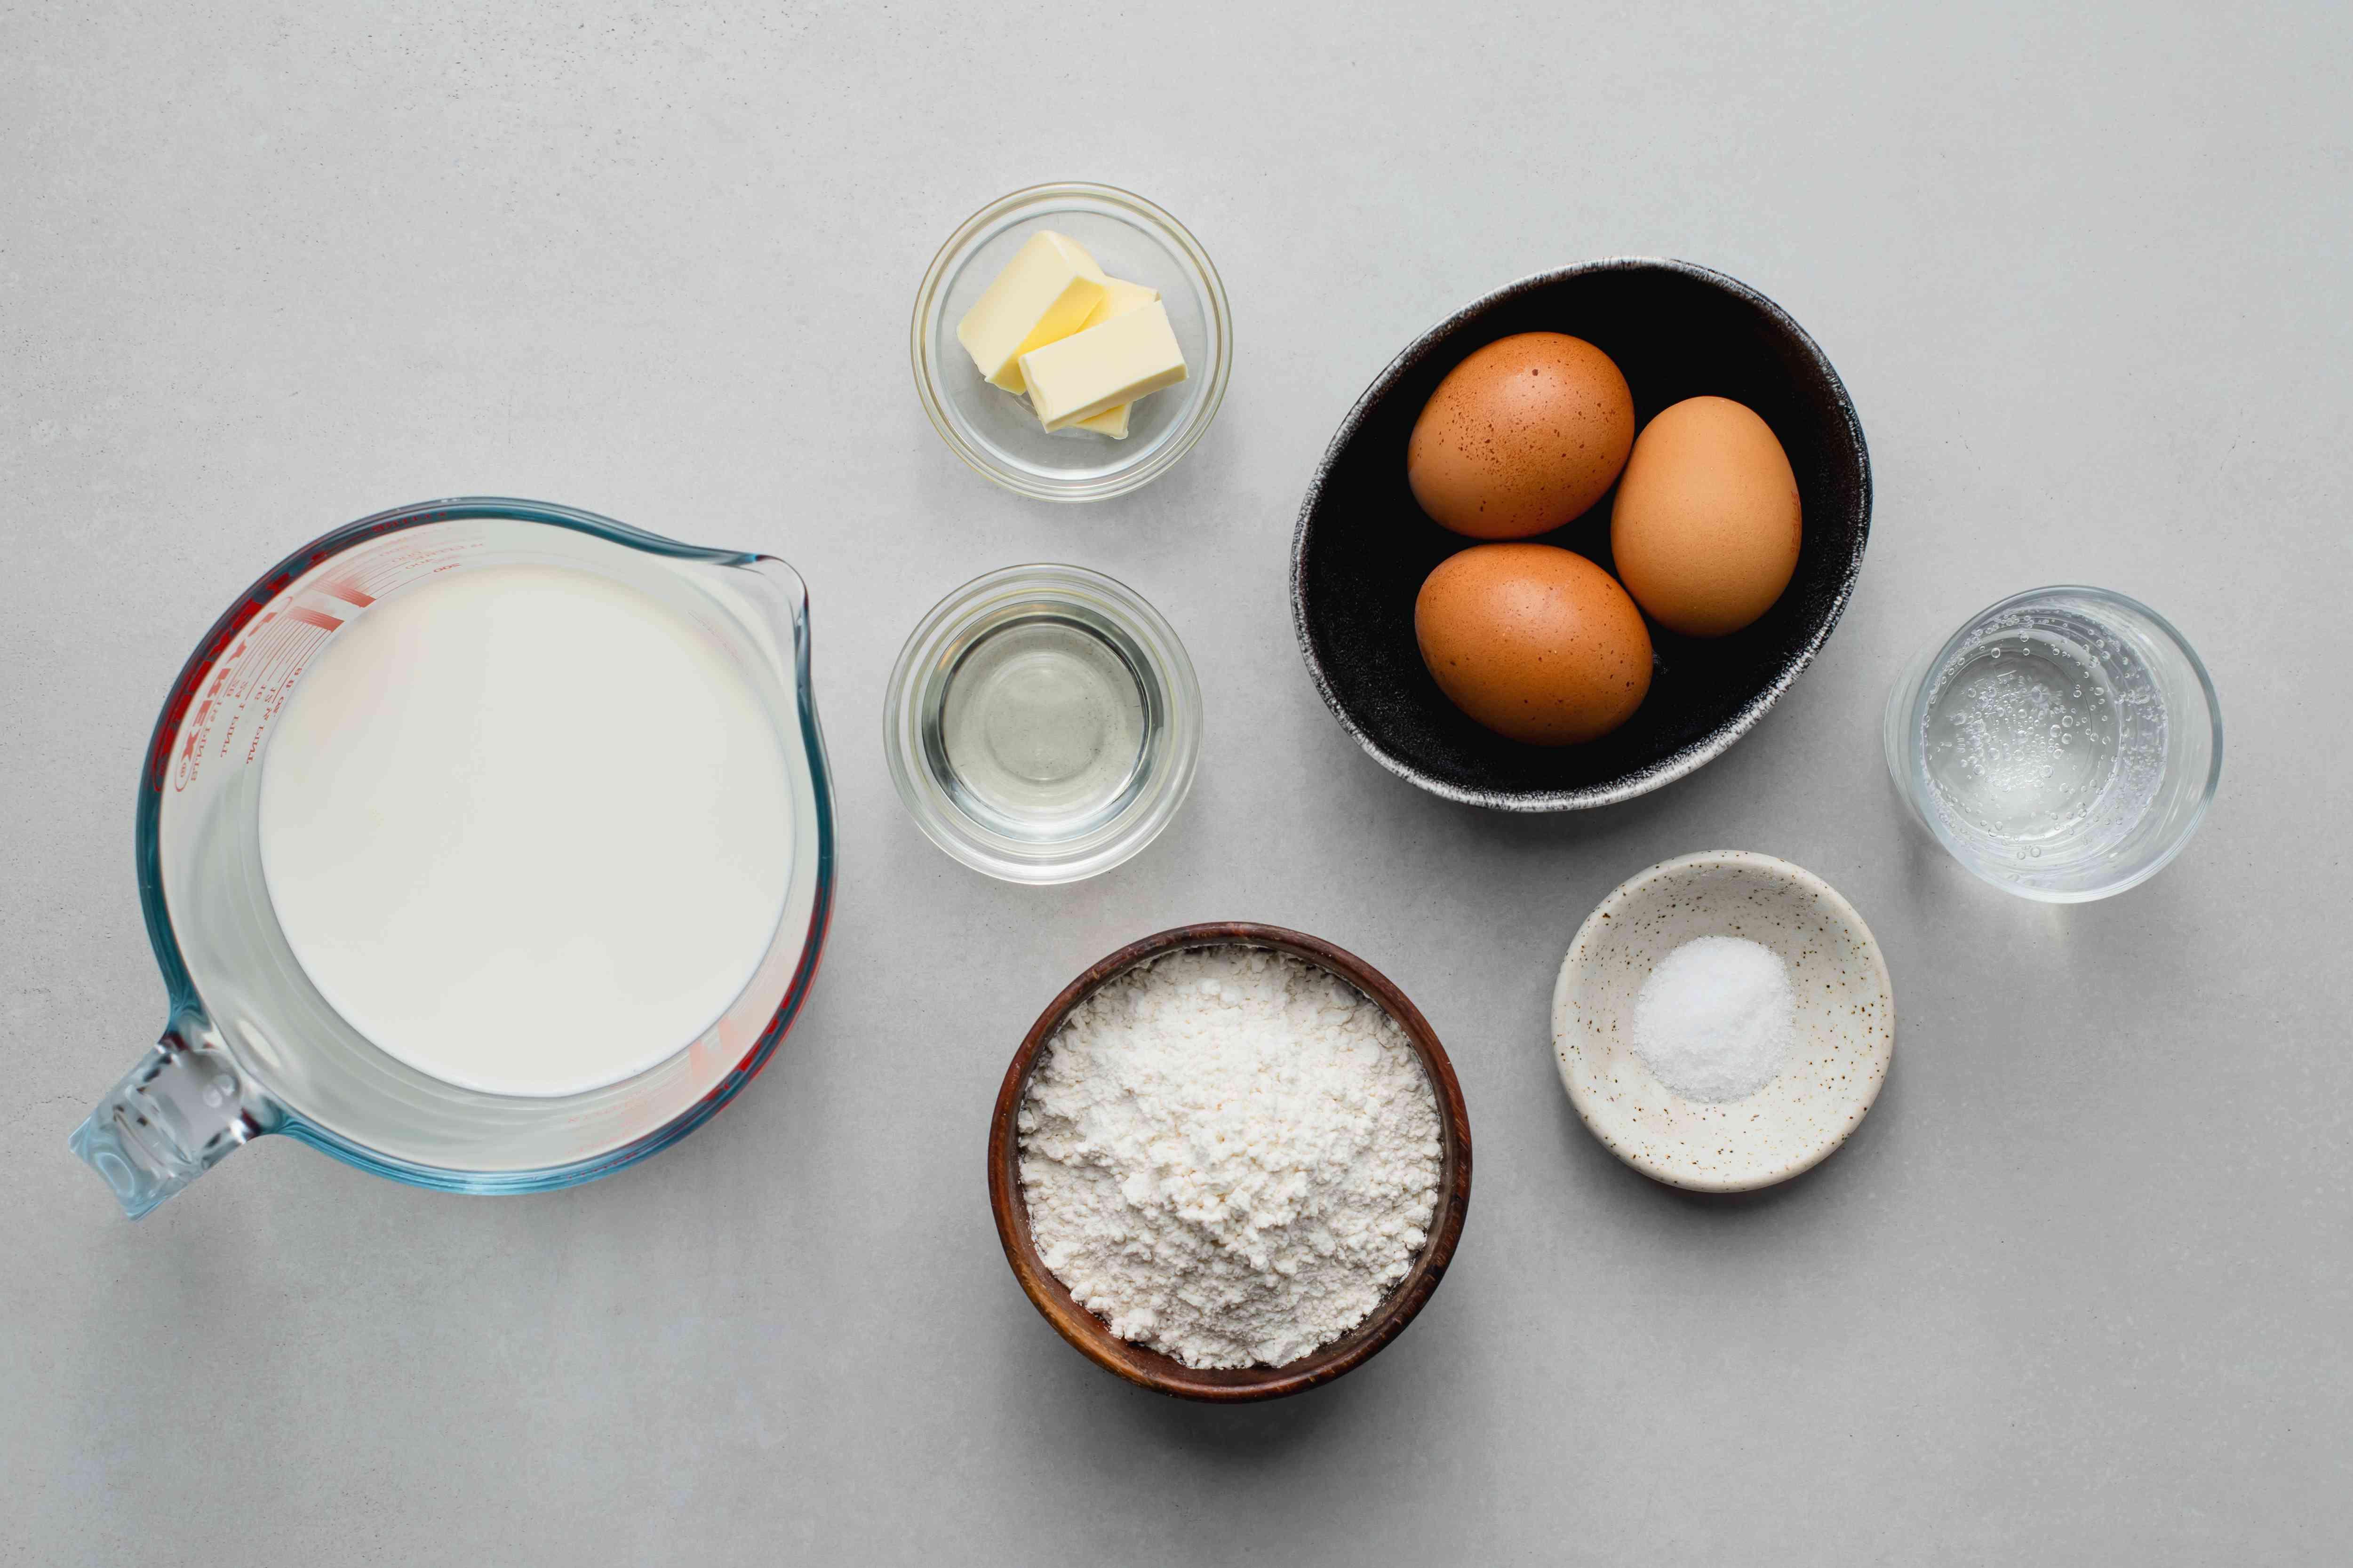 Palačinke (Croatian pancakes or crepes) ingredients